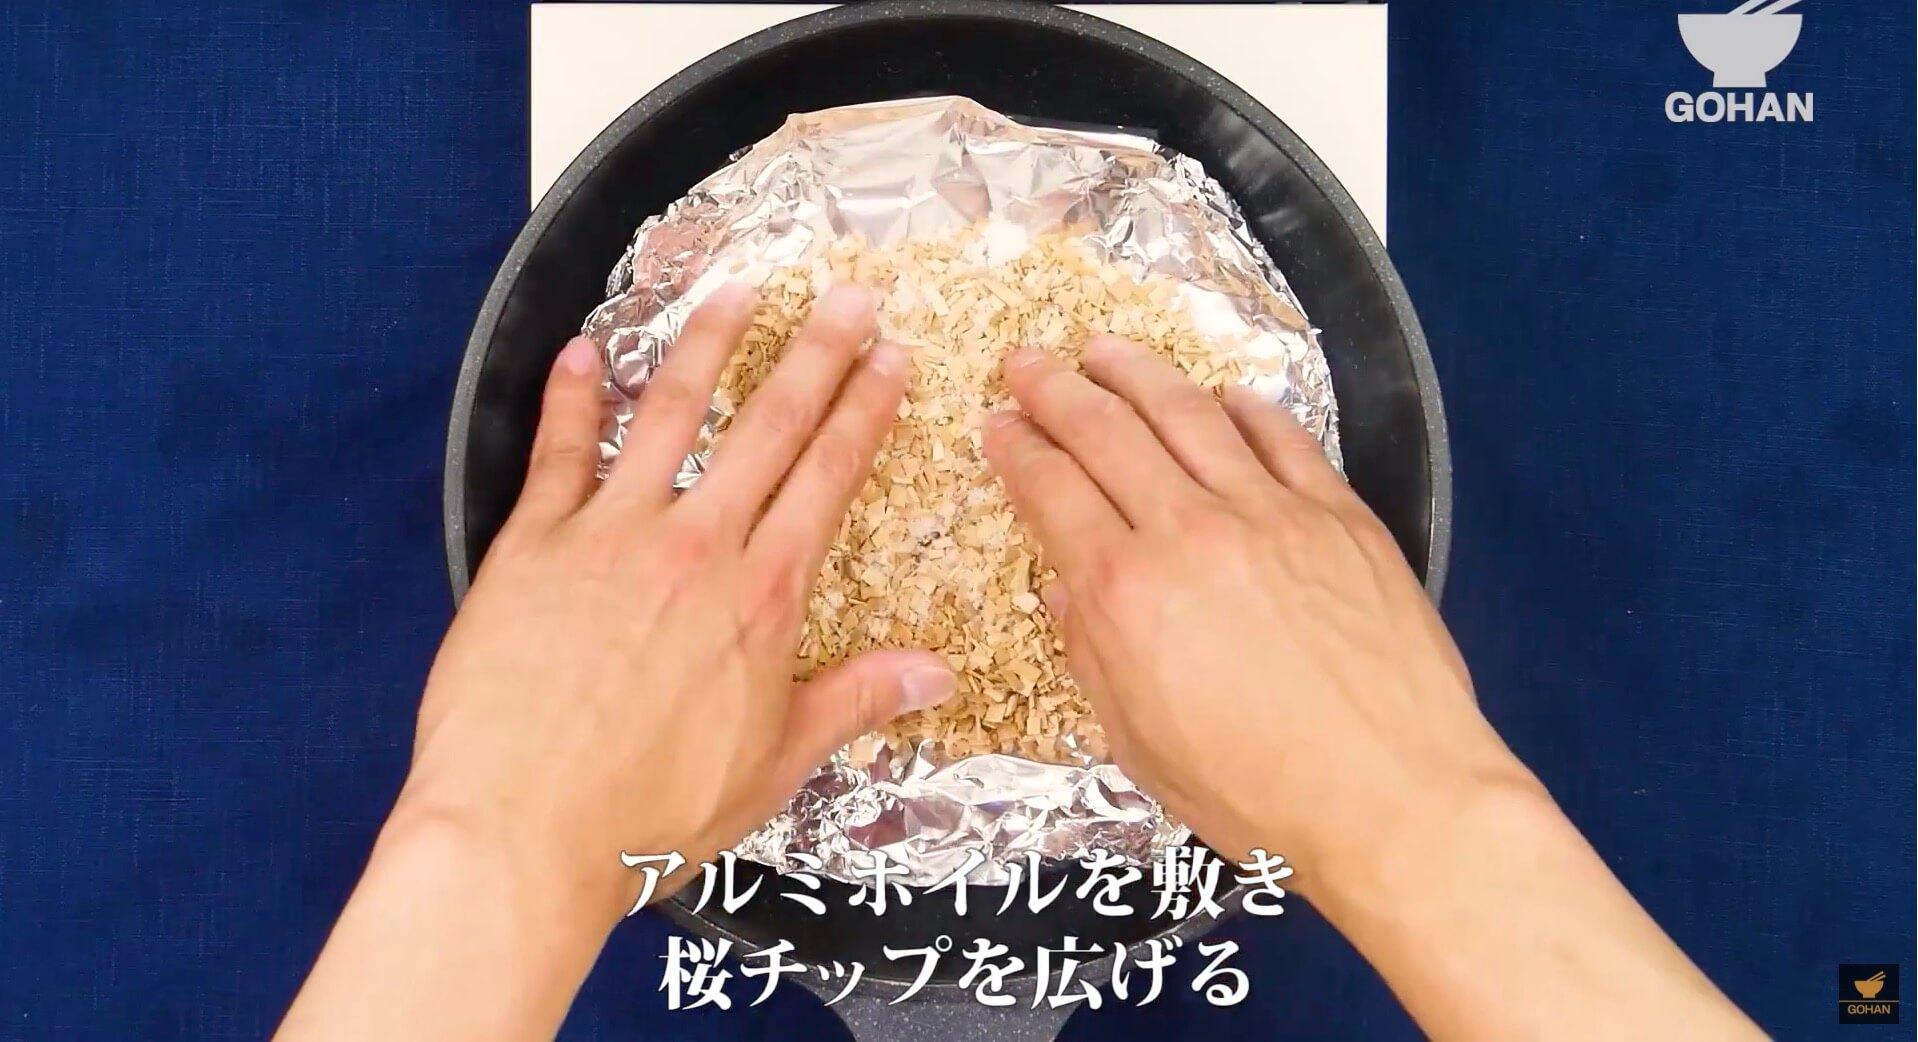 燻製チップ作り